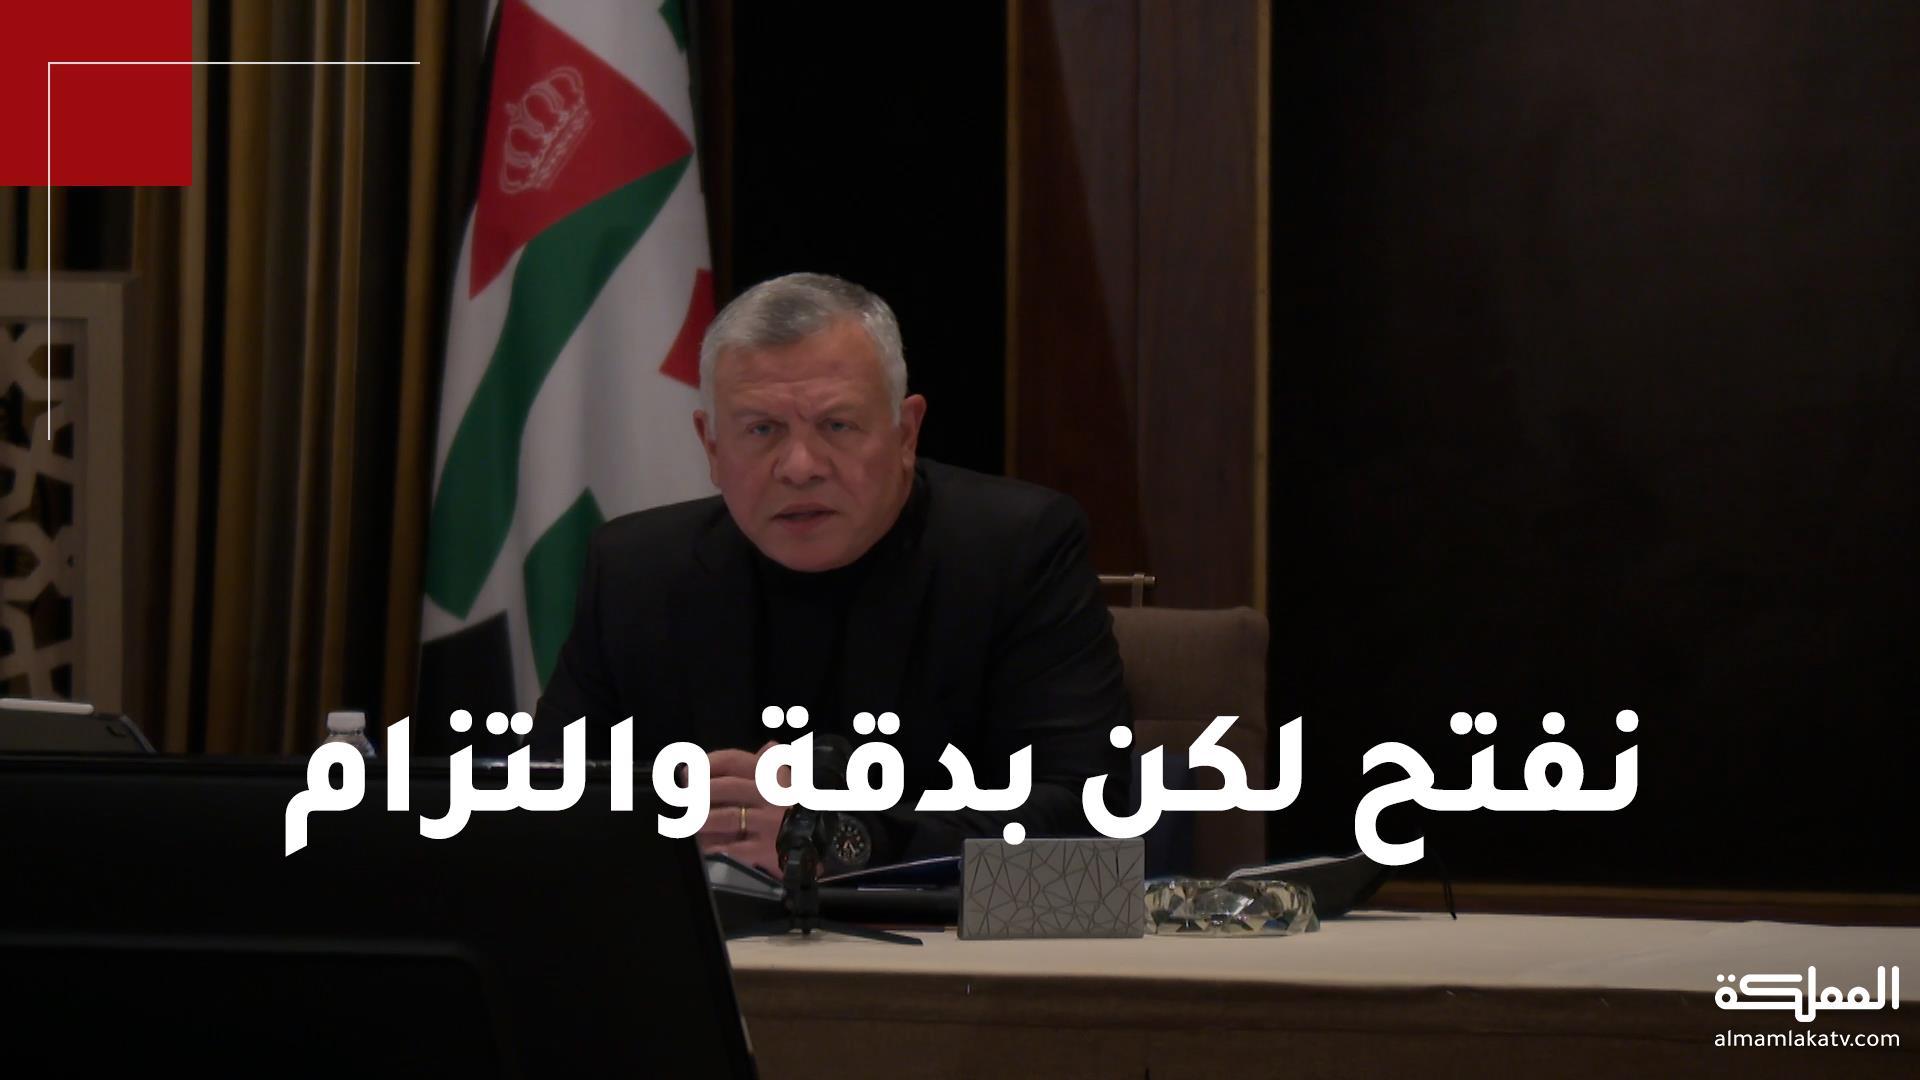 الملك: أنا مع إعادة فتح القطاعات والمدارس لكن بدقة مع الالتزام بالكمامة